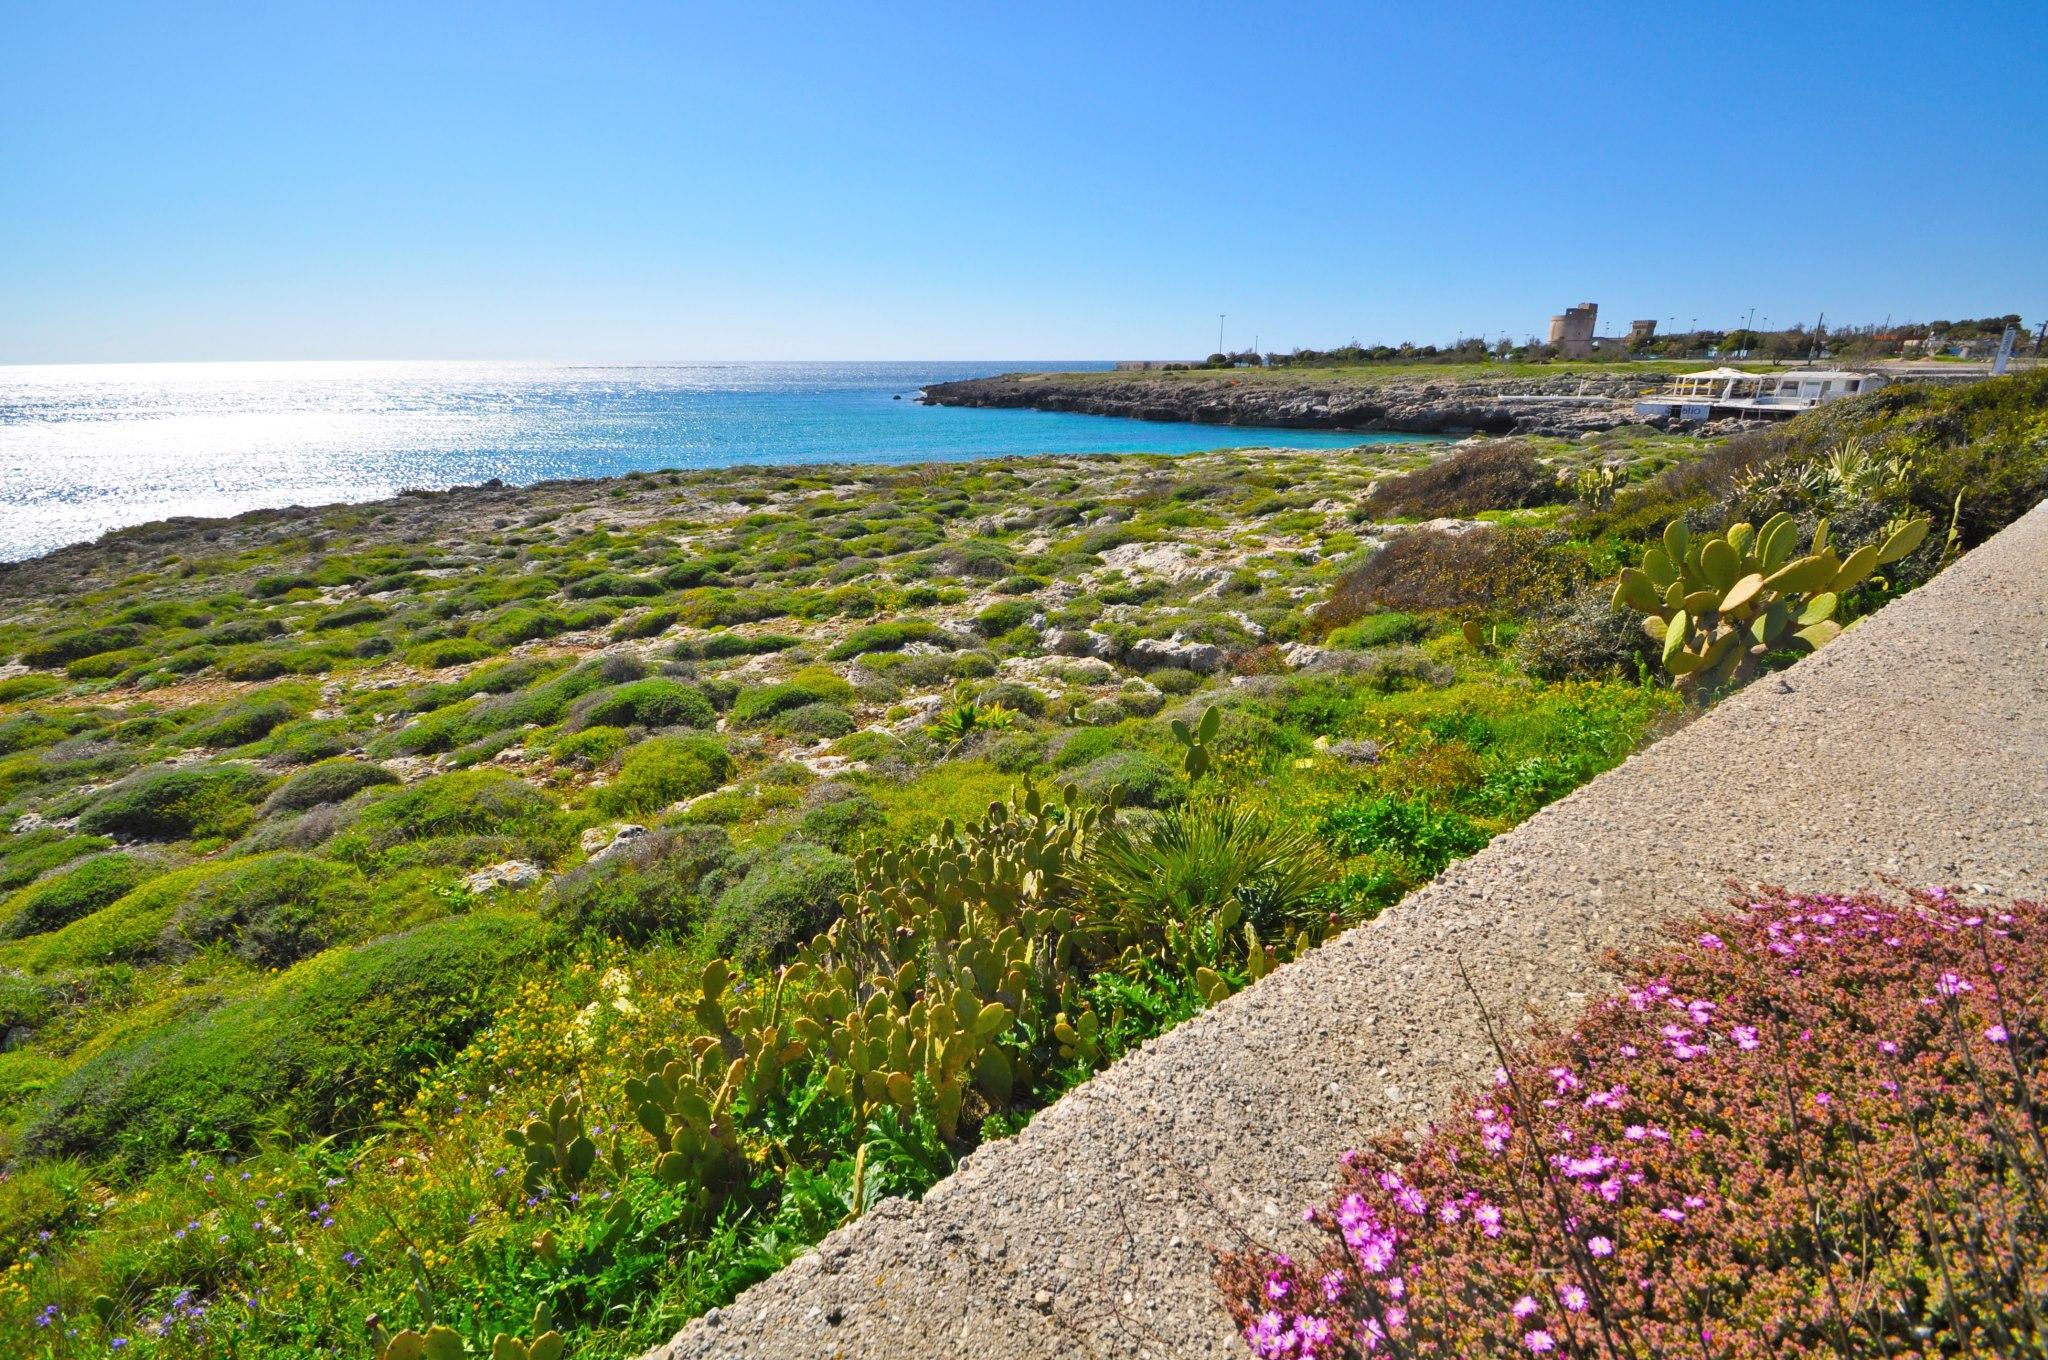 costa di scogliera a Torre Suda vicino al Lido balneare attrezzato Mahia